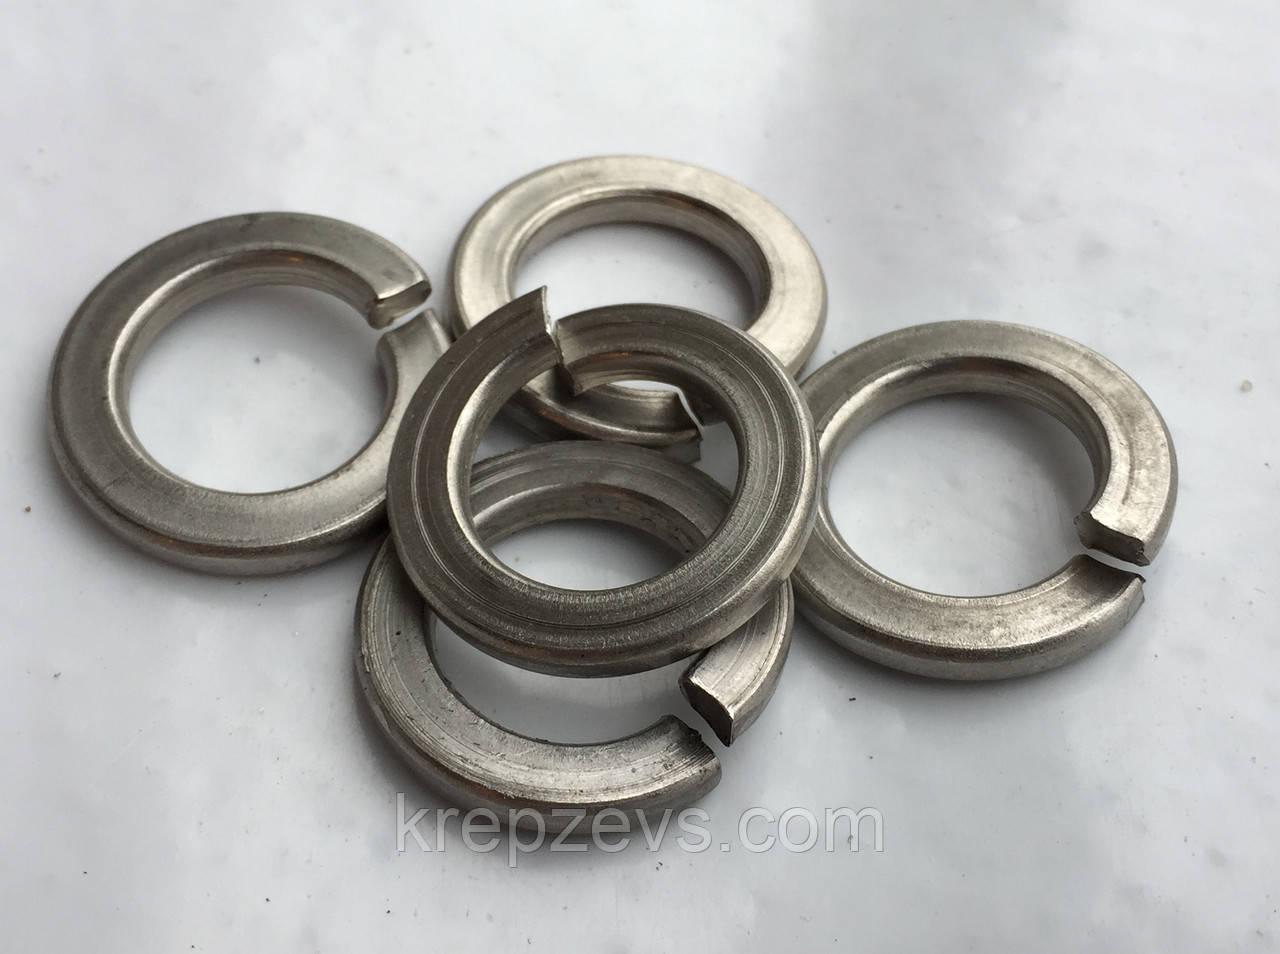 Шайба пружинная Ф14 ГОСТ 6402-70 из стали А2